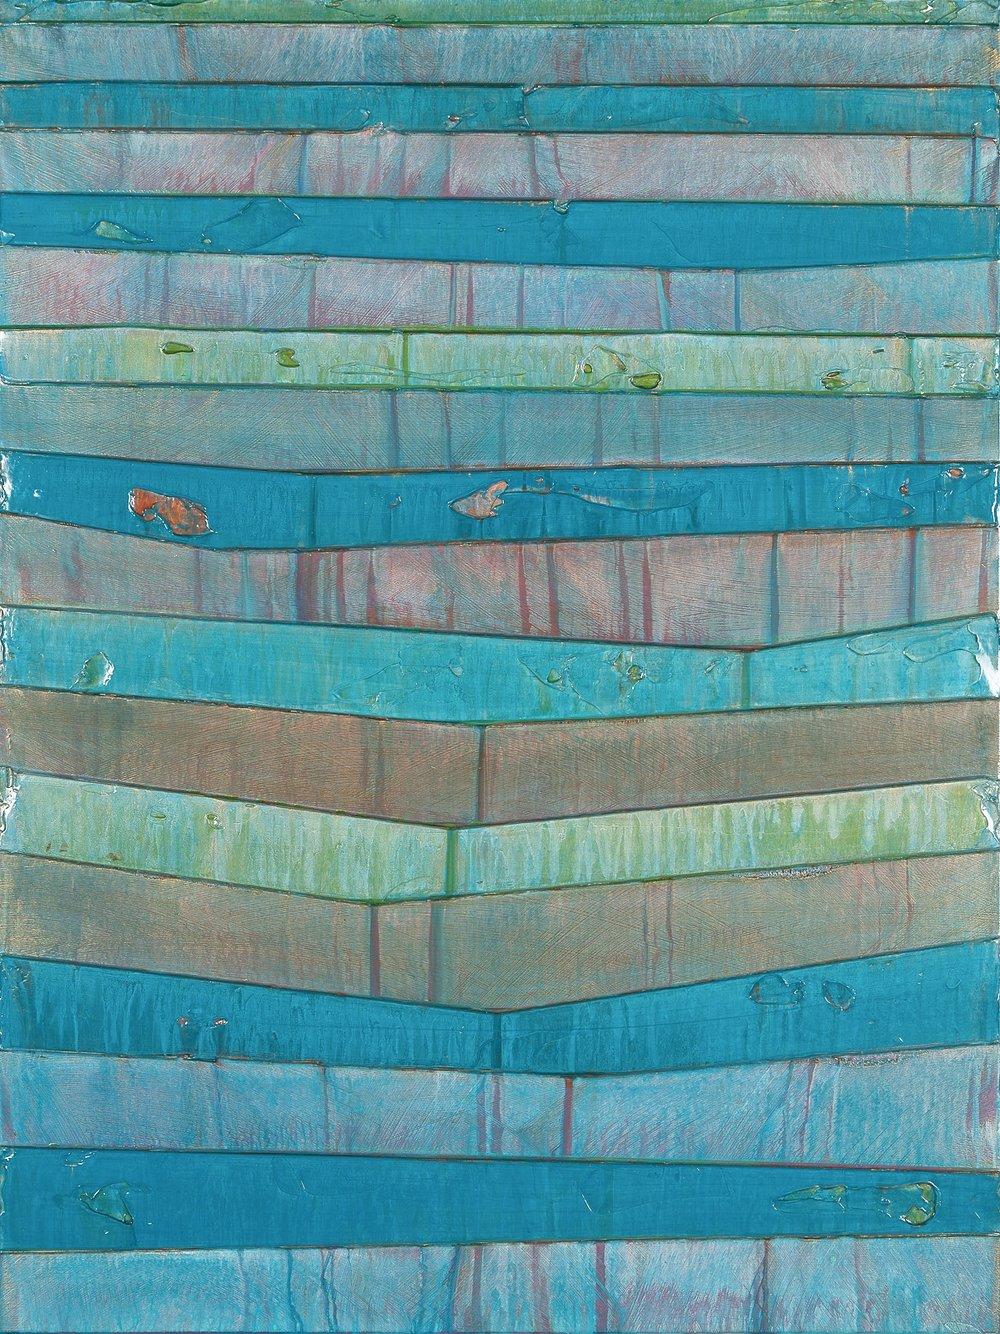 Aquamarine 1 (left panel)